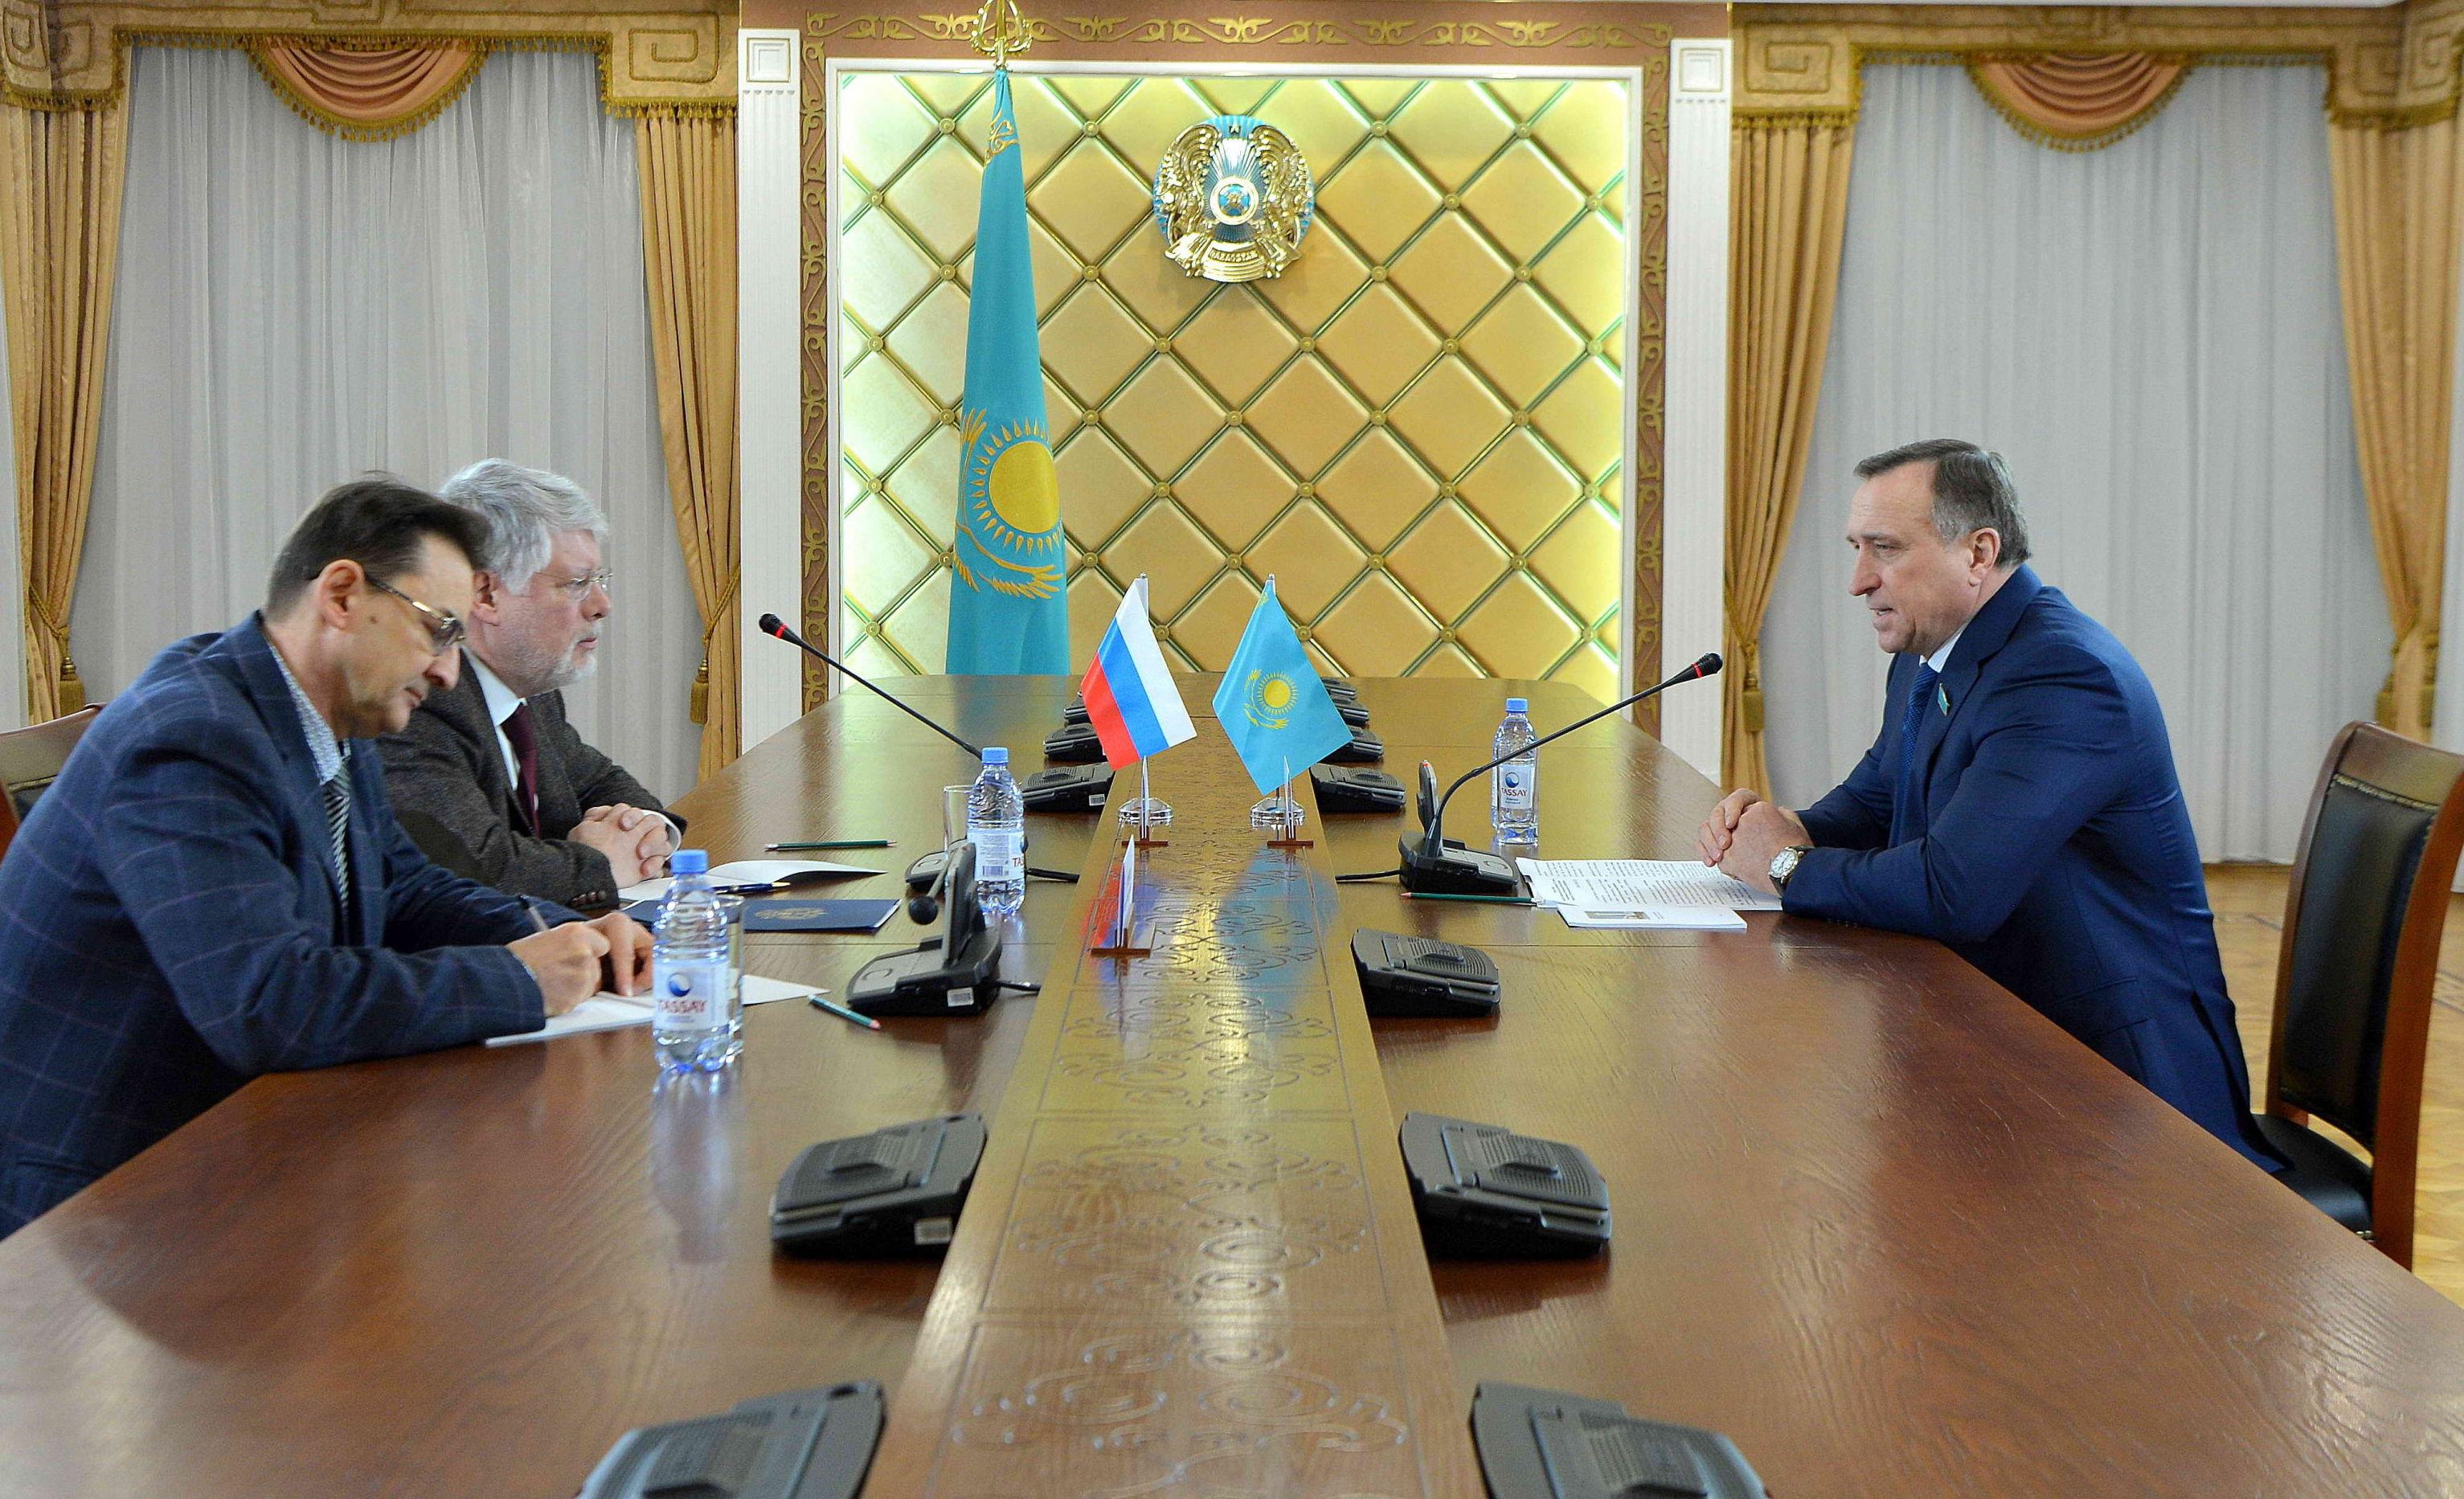 Посол России в РК Алексей Бородавкин  встретился с заместителем спикера сената Сергеем Громовым